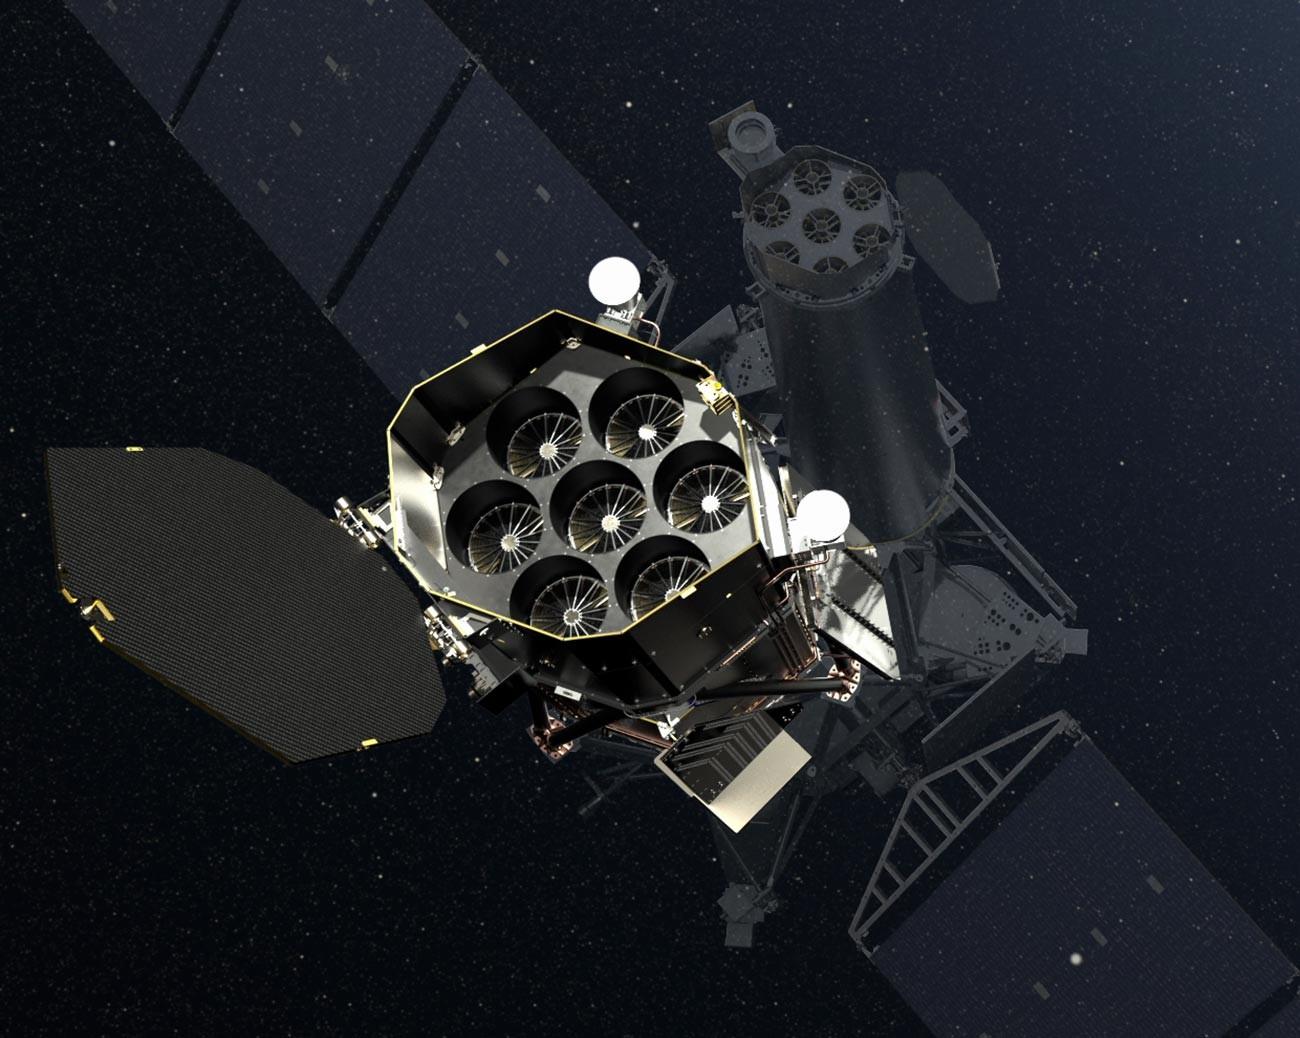 X線天文衛星スペクトルRG